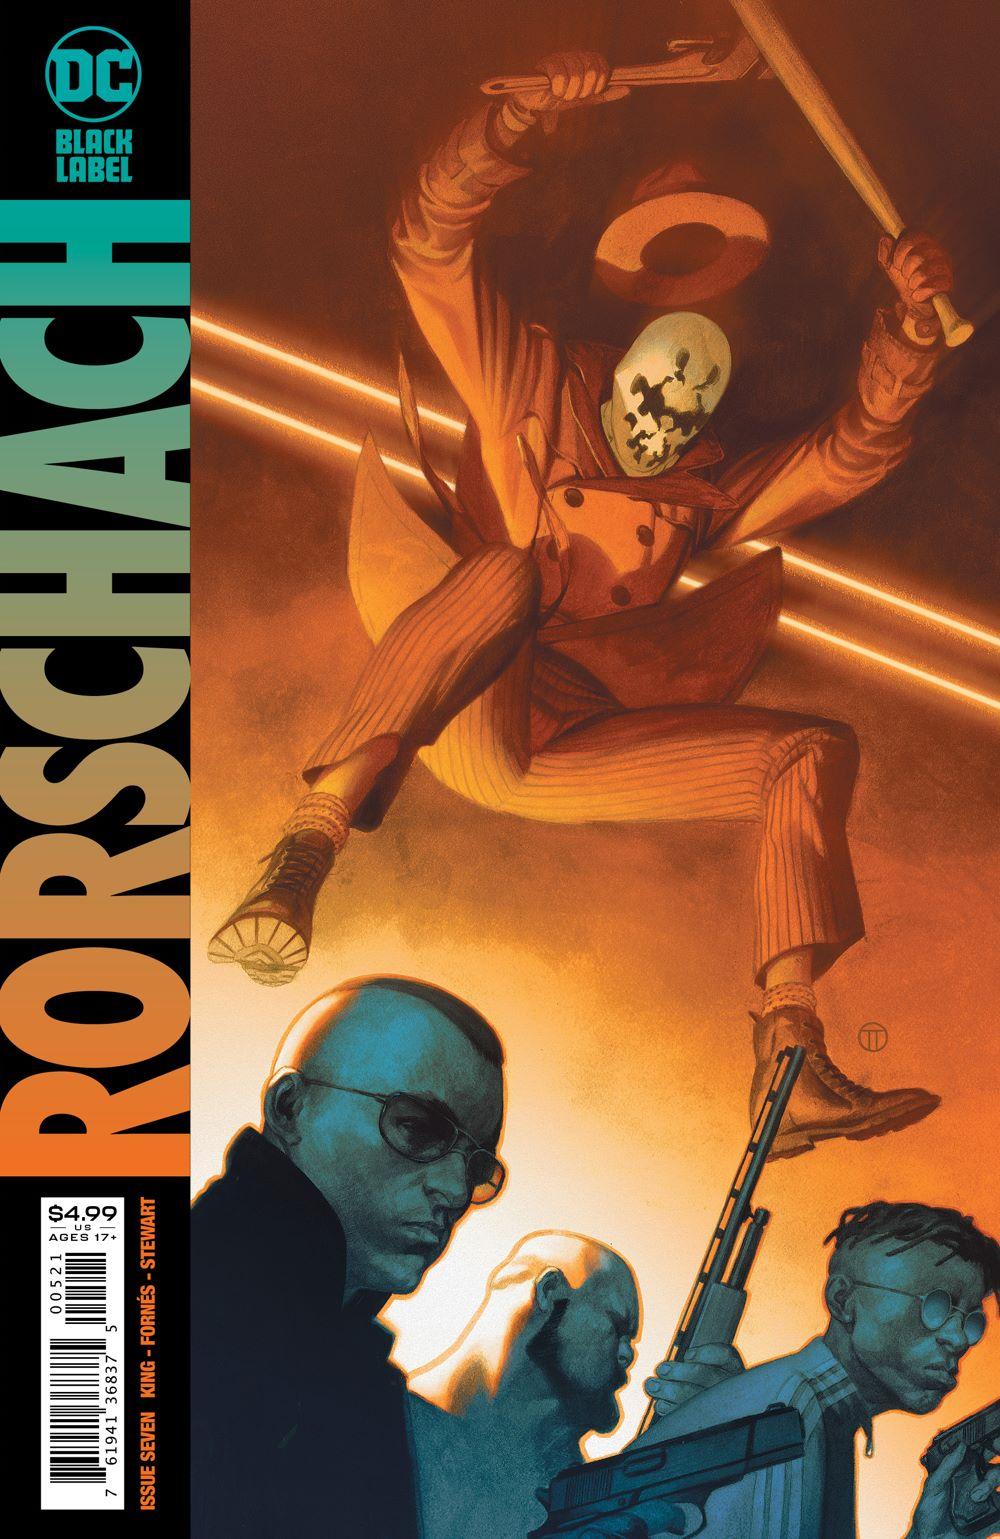 RORSCHACH_Cv7_var_Tedesco DC Comics April 2021 Solicitations